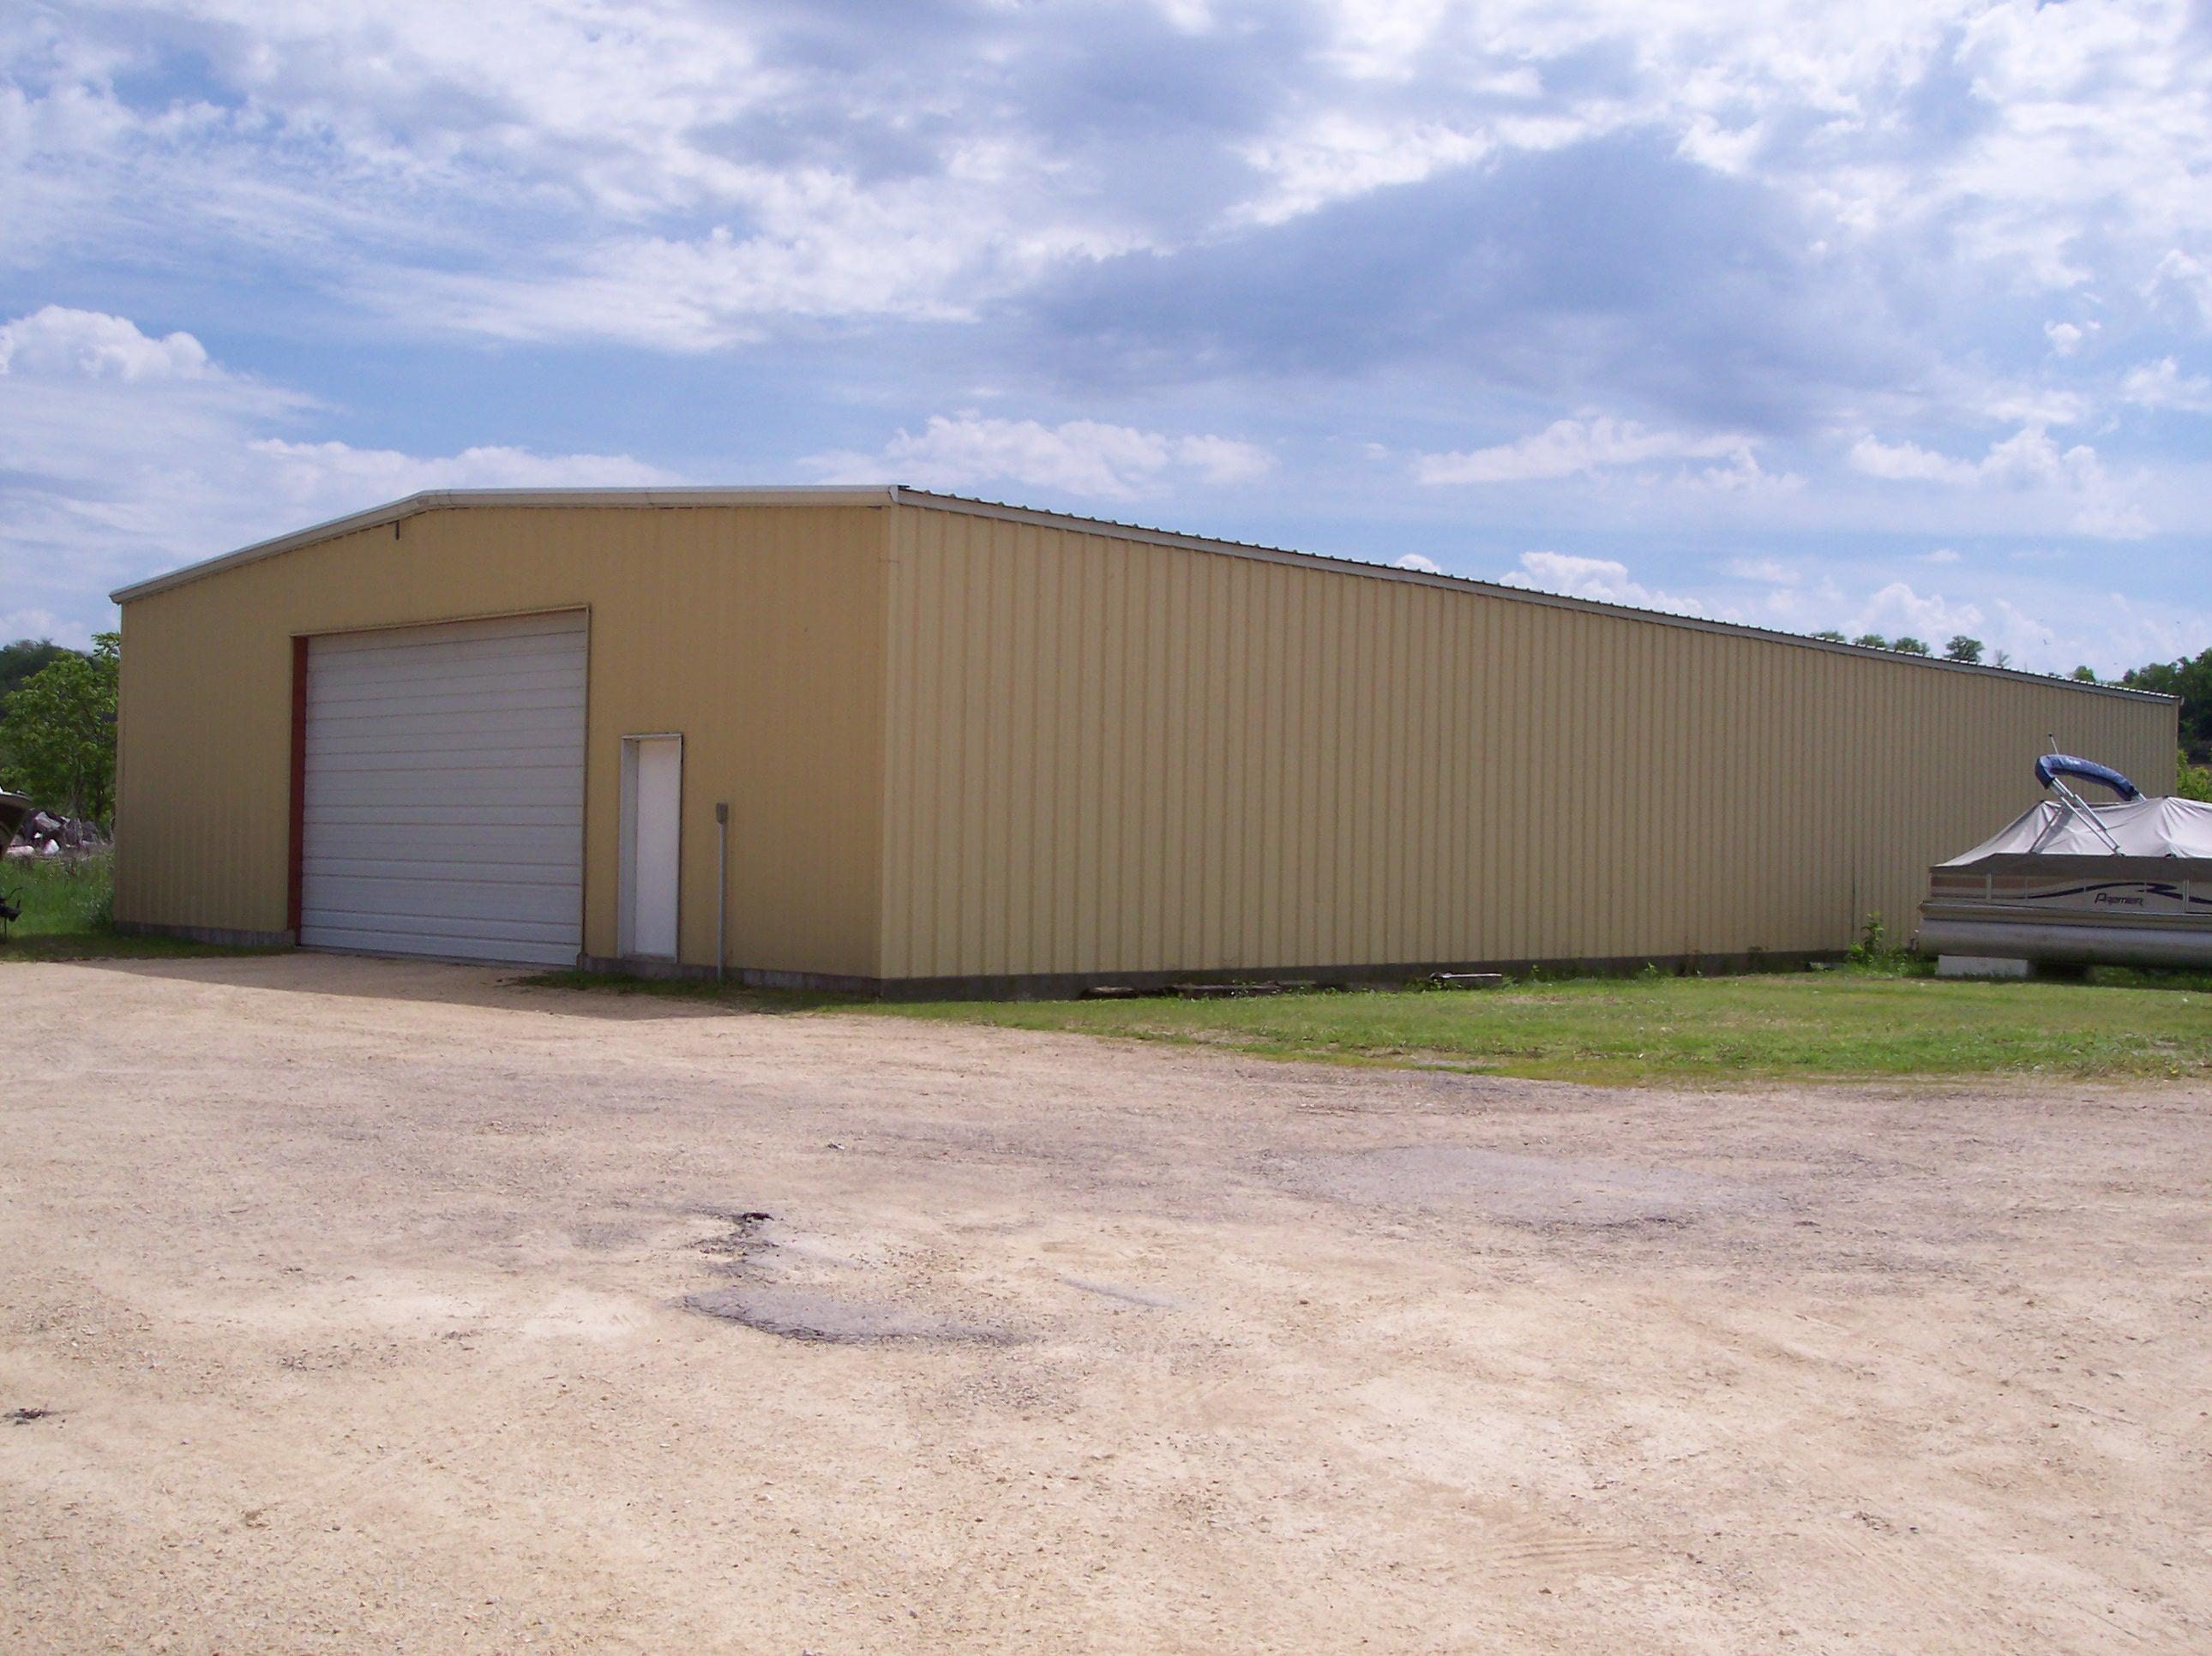 Bob's Marine in Bellevue, IA | First Storage Building @ Bob's Marine in Bellevue, Iowa